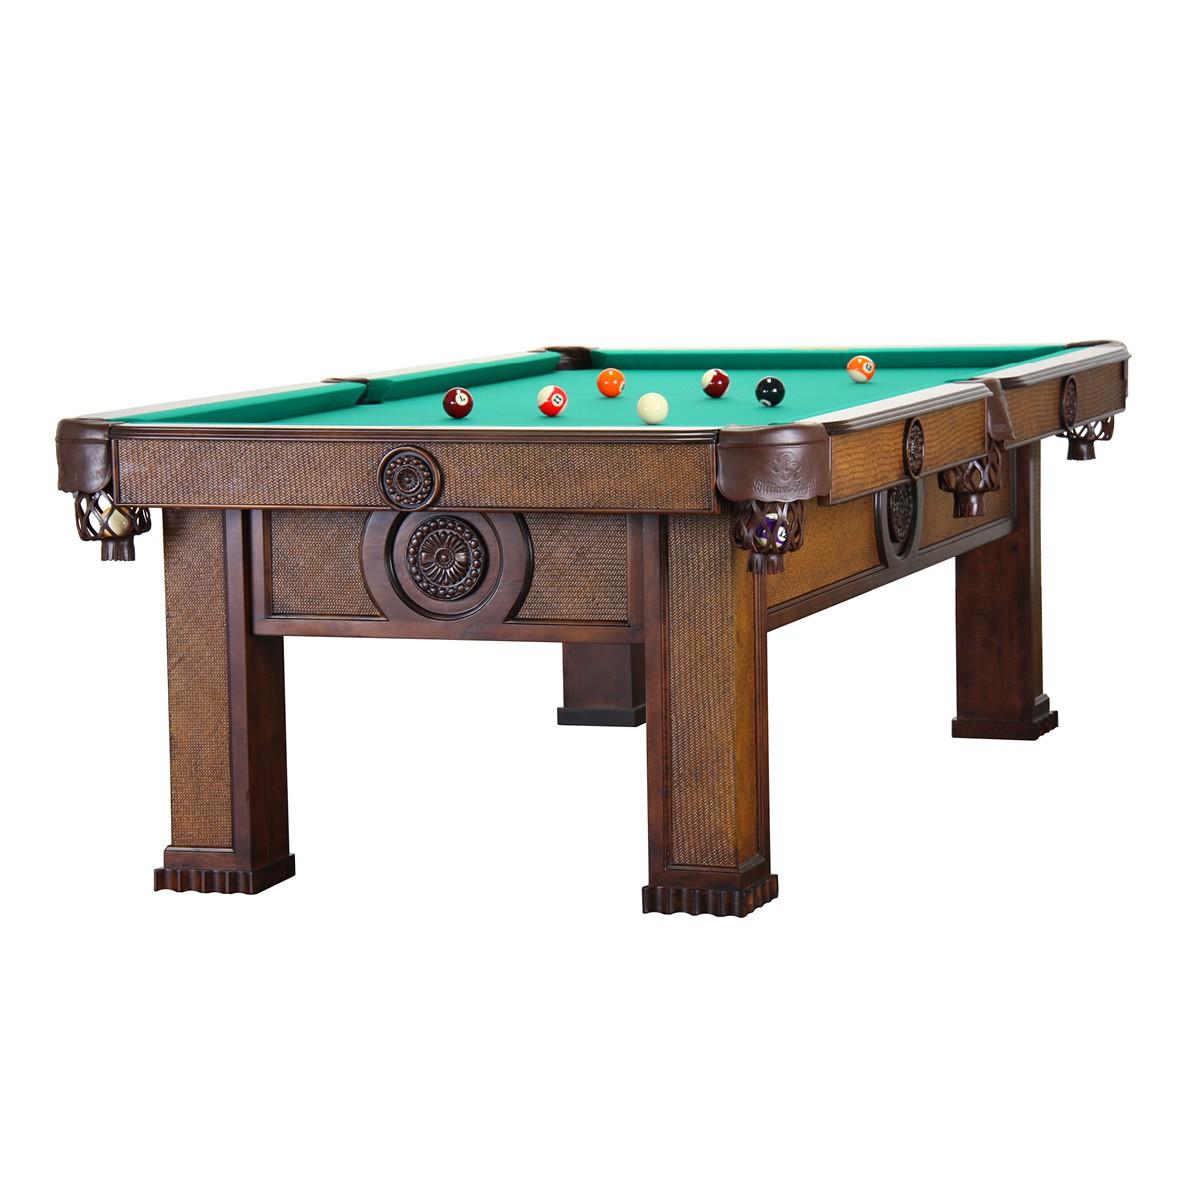 Unser Orientalischer Billardtisch mit Flair.